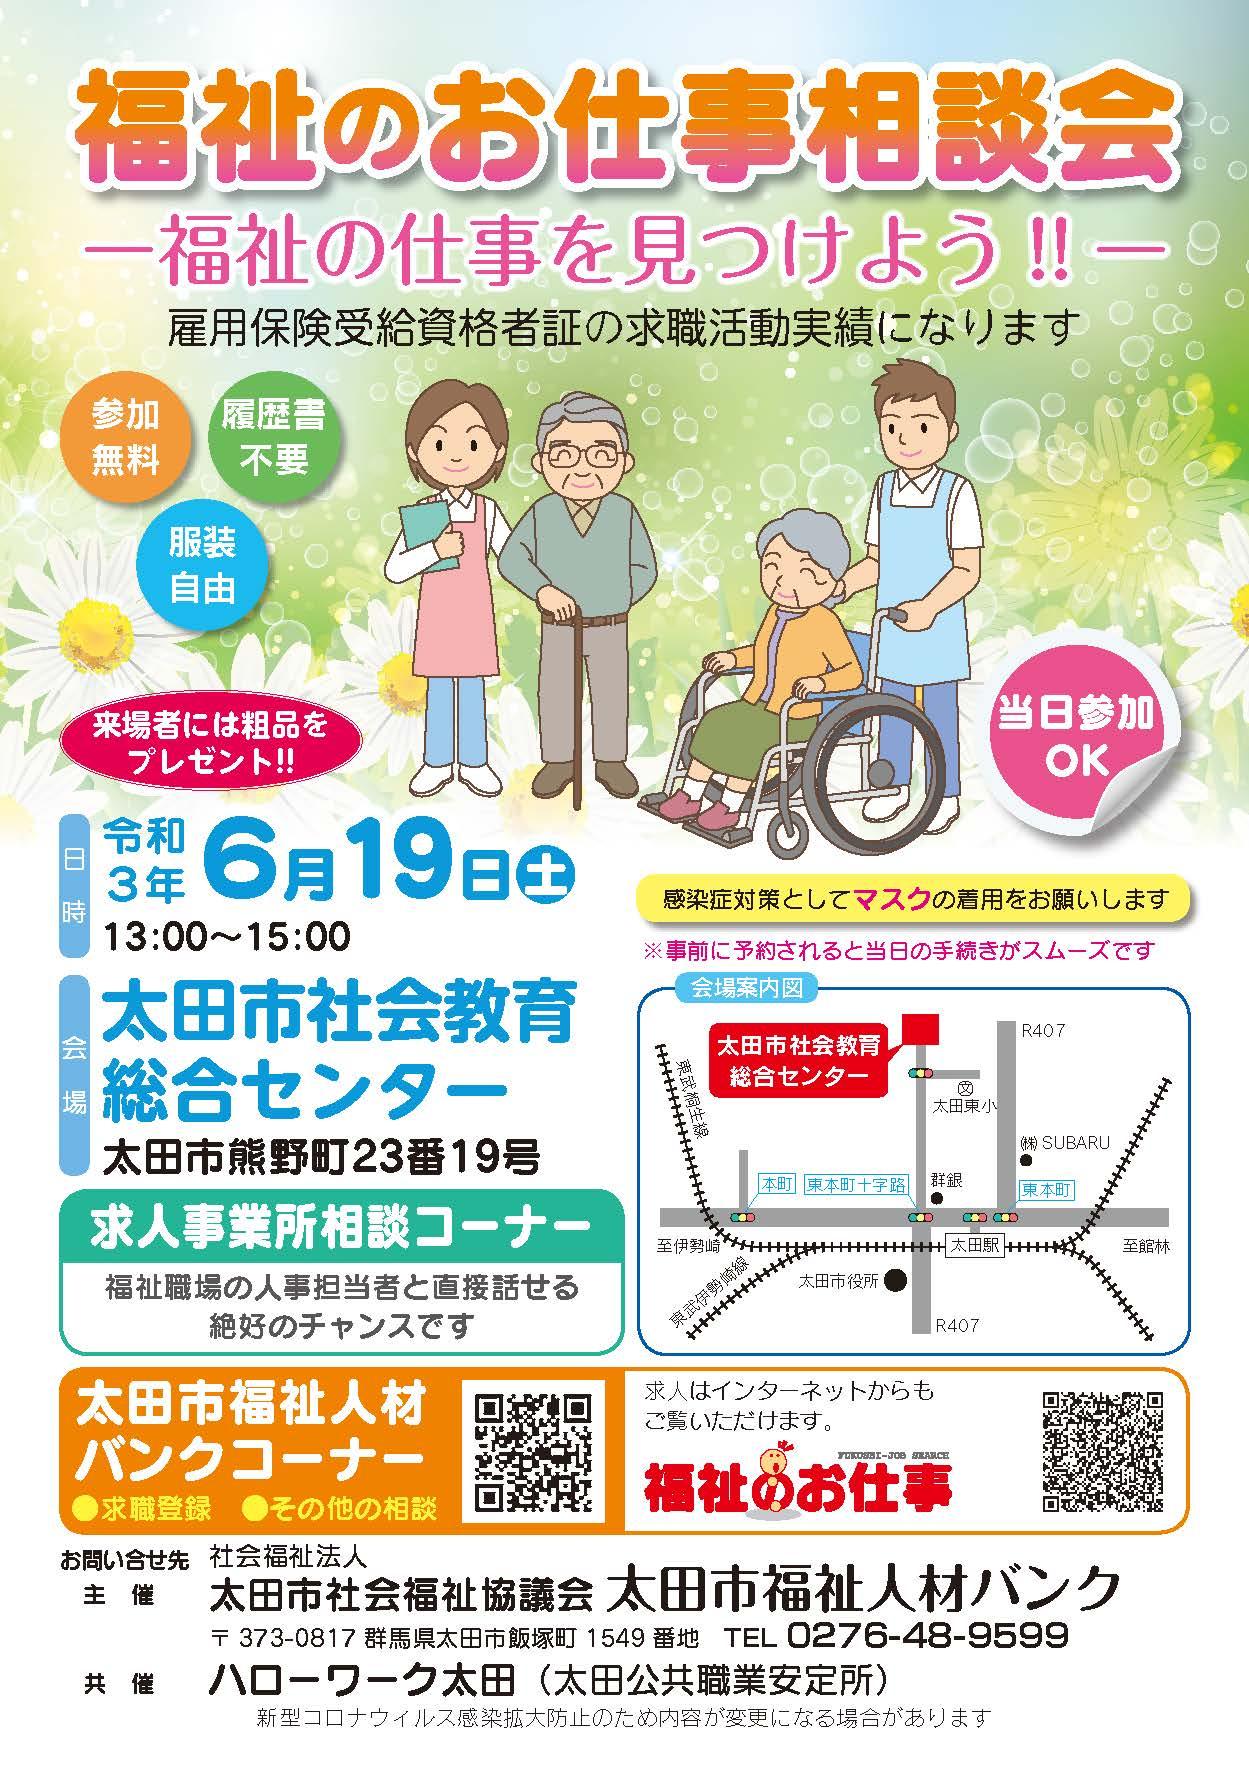 福祉のお仕事相談会 太田市福祉人材バンク